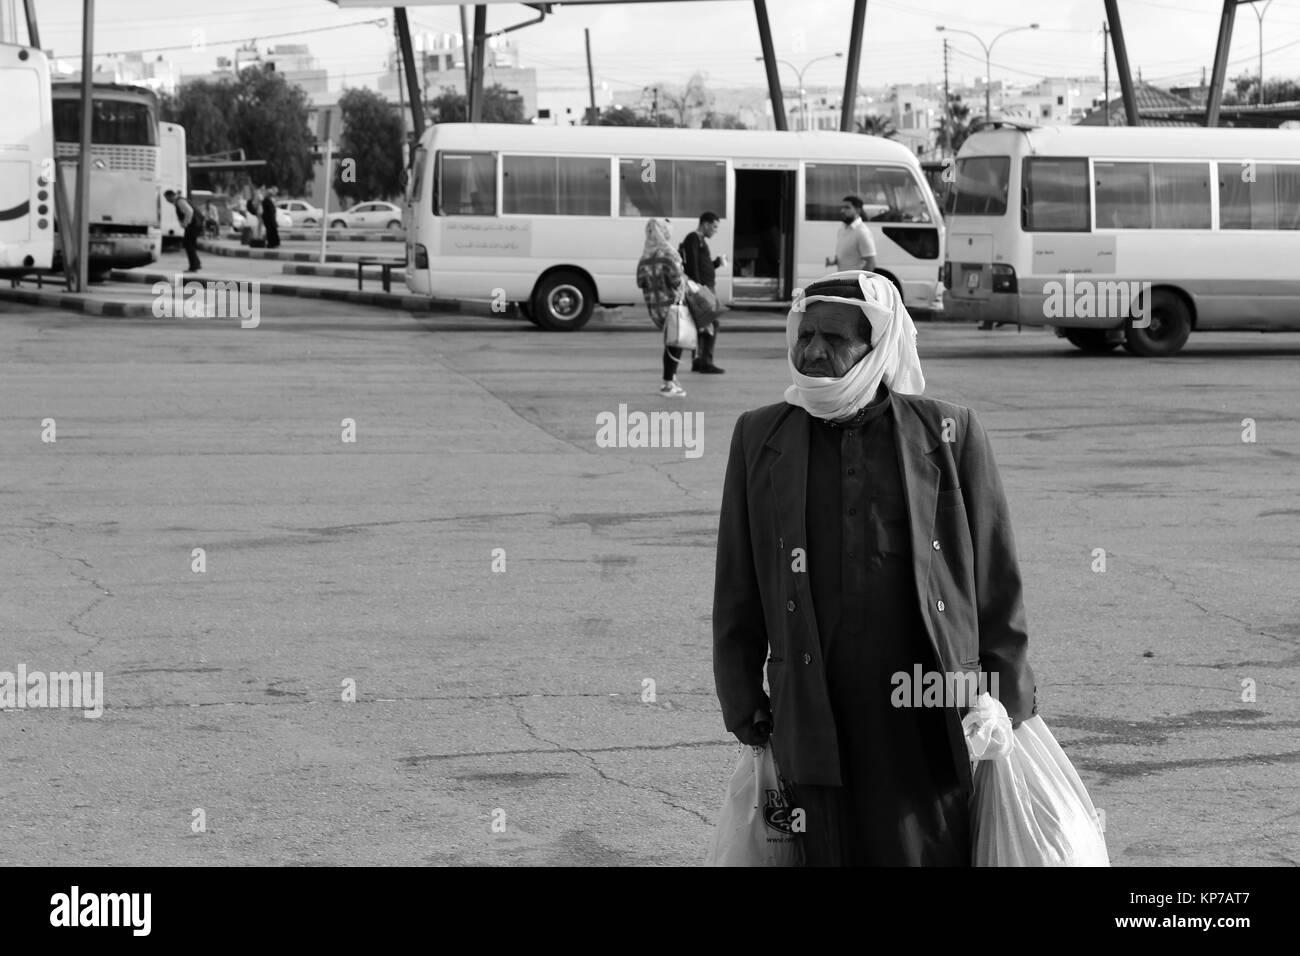 Arab vestito senior presso la fermata del bus - 20/05/2017 - Giordania/Amman - Sguardi Aridi da Ali Raffaele Mataró Immagini Stock